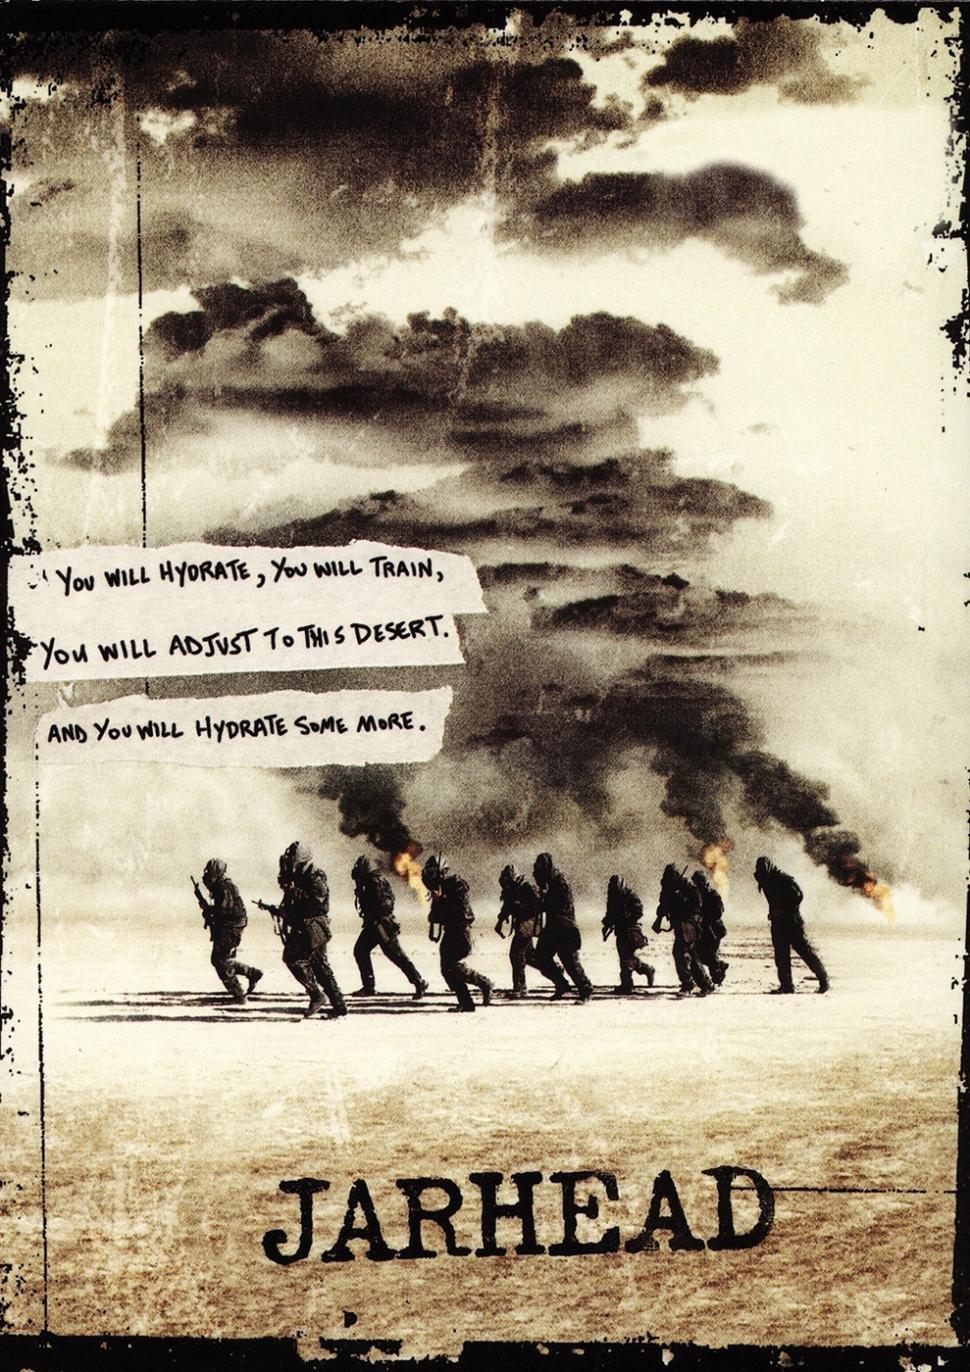 Jarhead (2005) poster - FreeMoviePosters.net